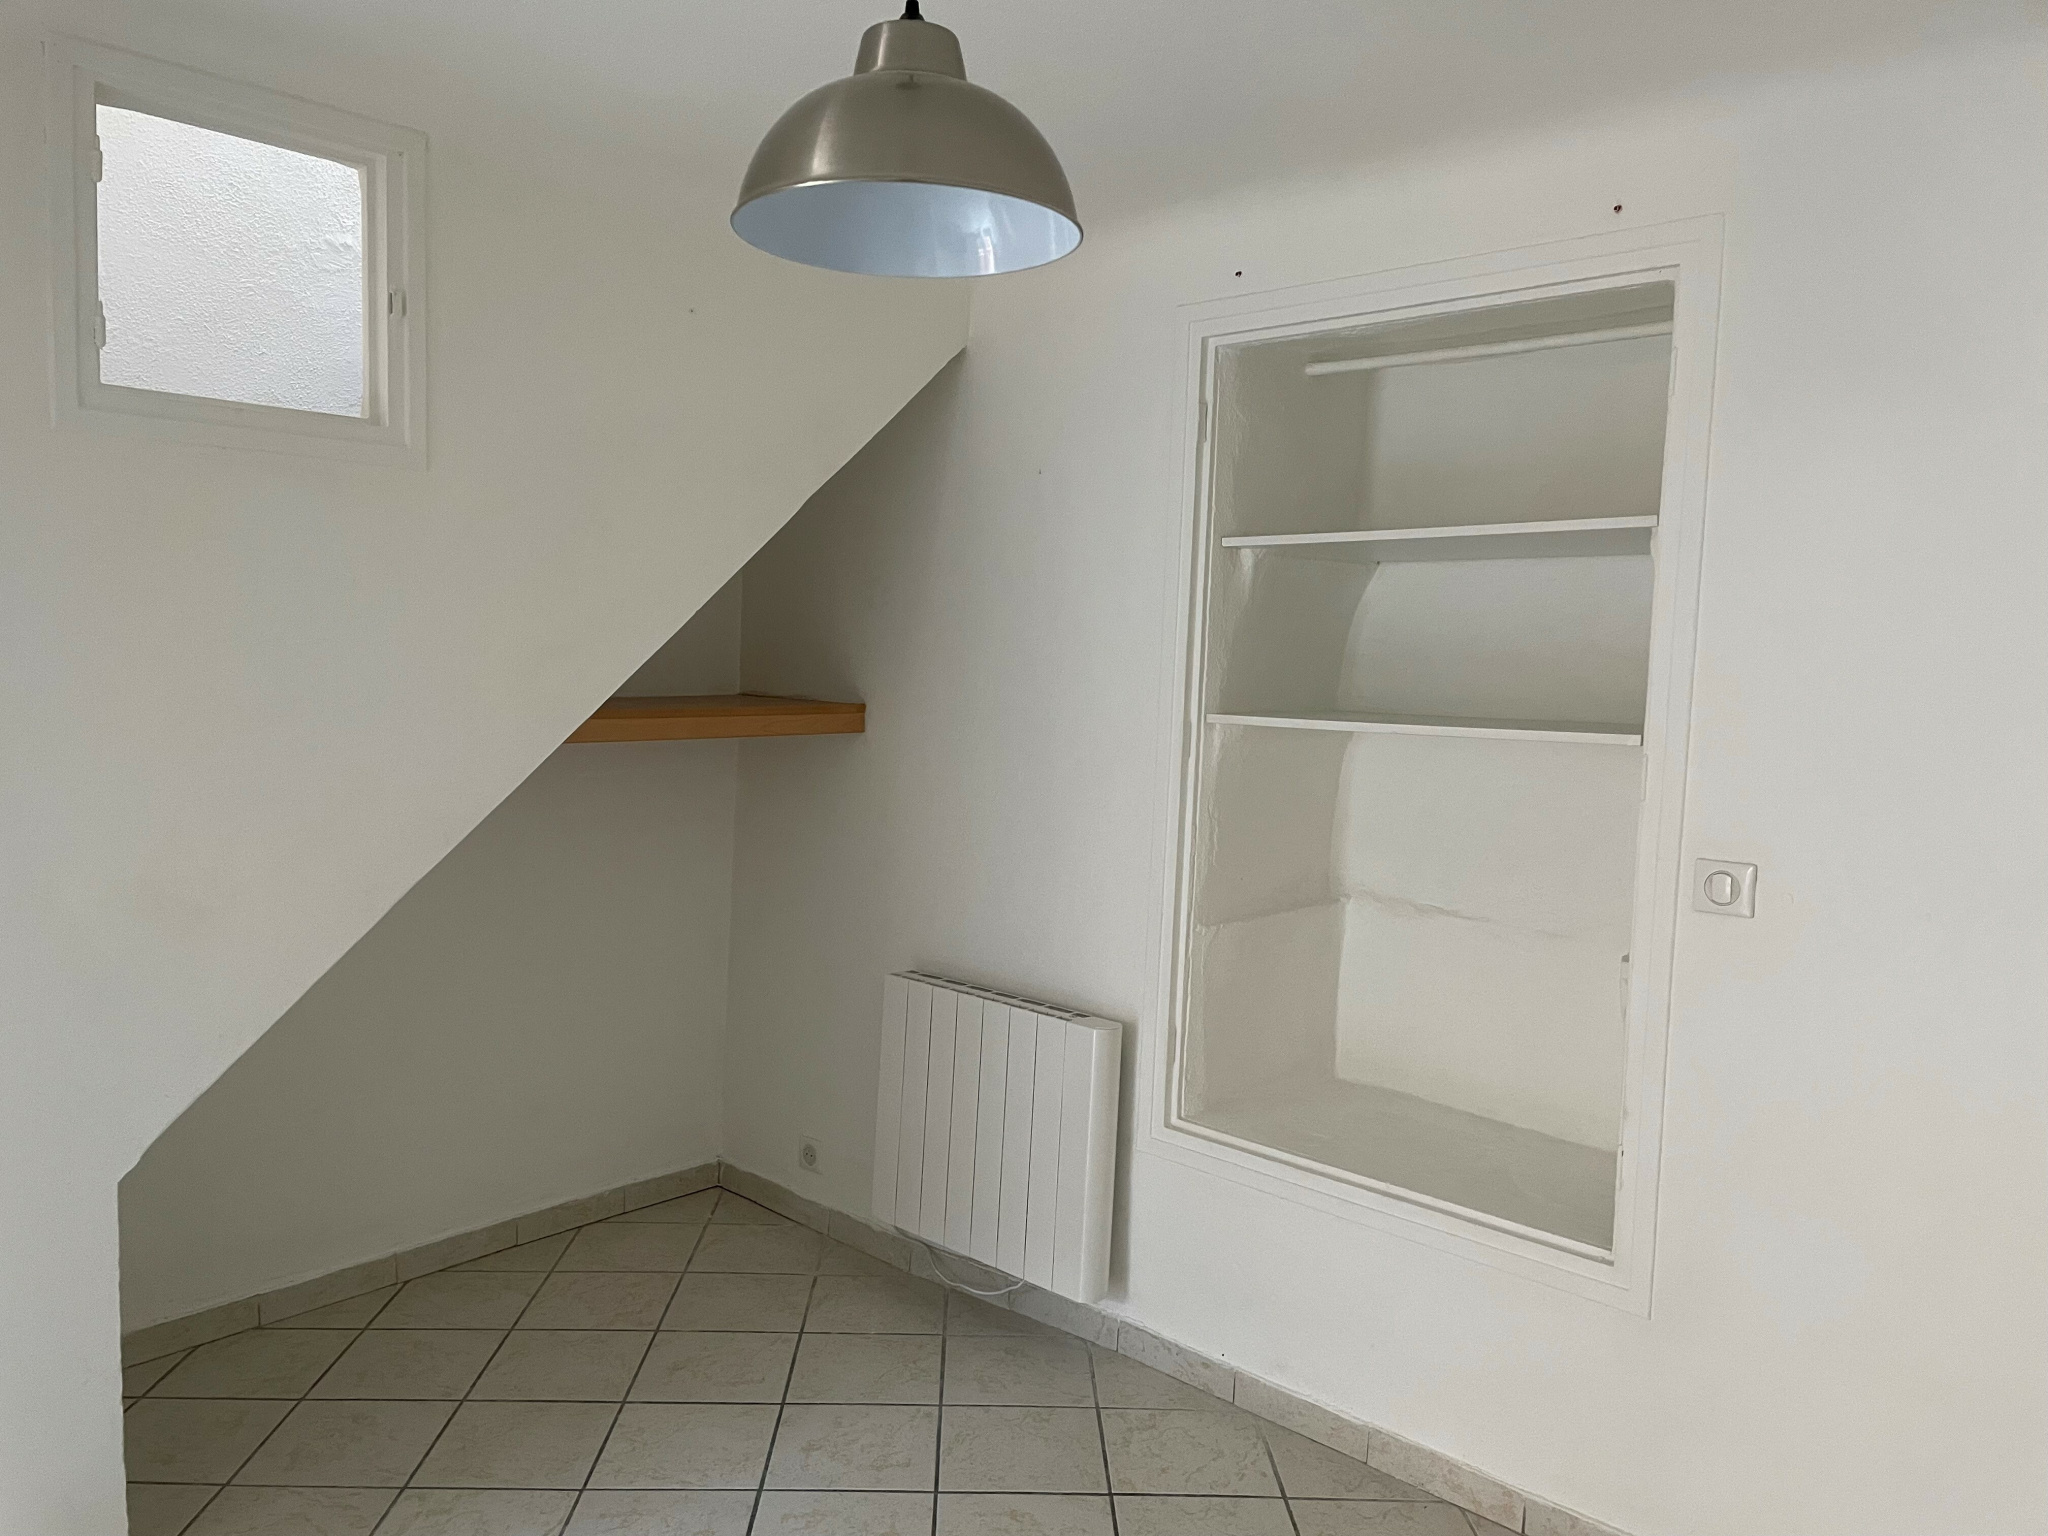 À vendre maison/villa de 41m2 à argeles sur mer (66700) - Photo 9'